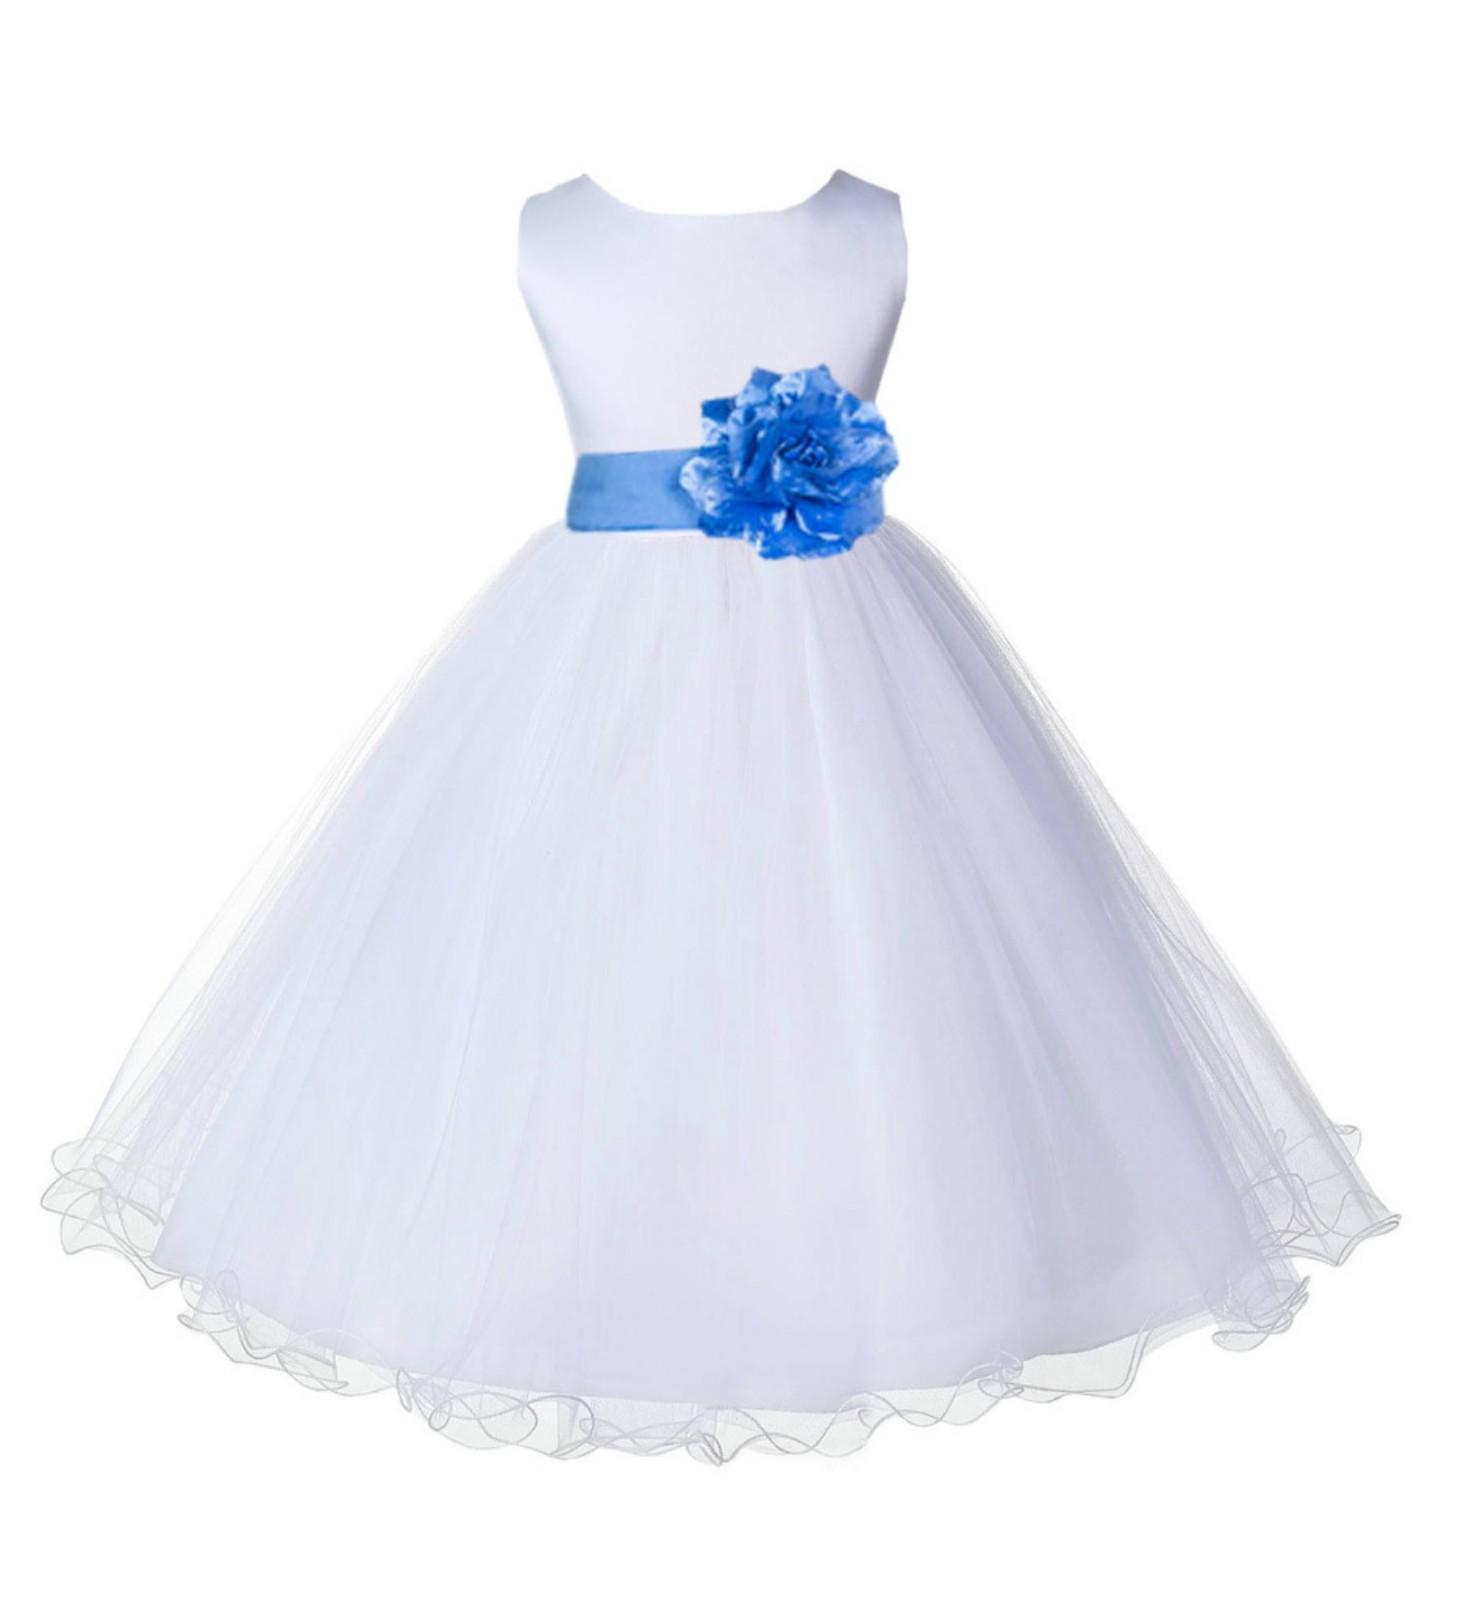 White/Cornflower Tulle Rattail Edge Flower Girl Dress Wedding Bridal 829S